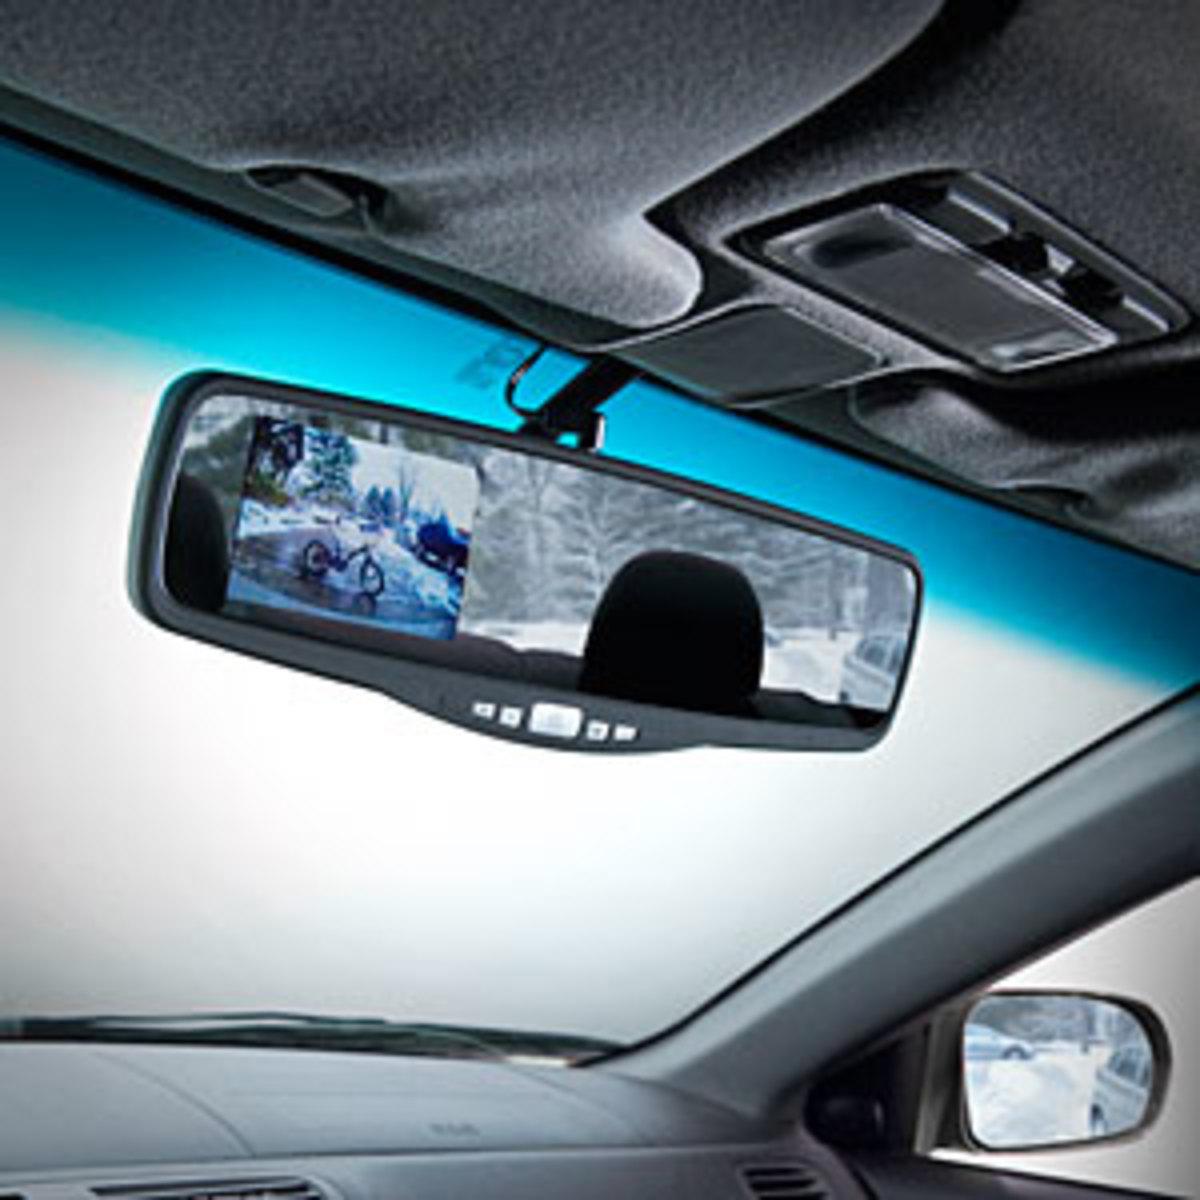 Rear view mirror backup camera